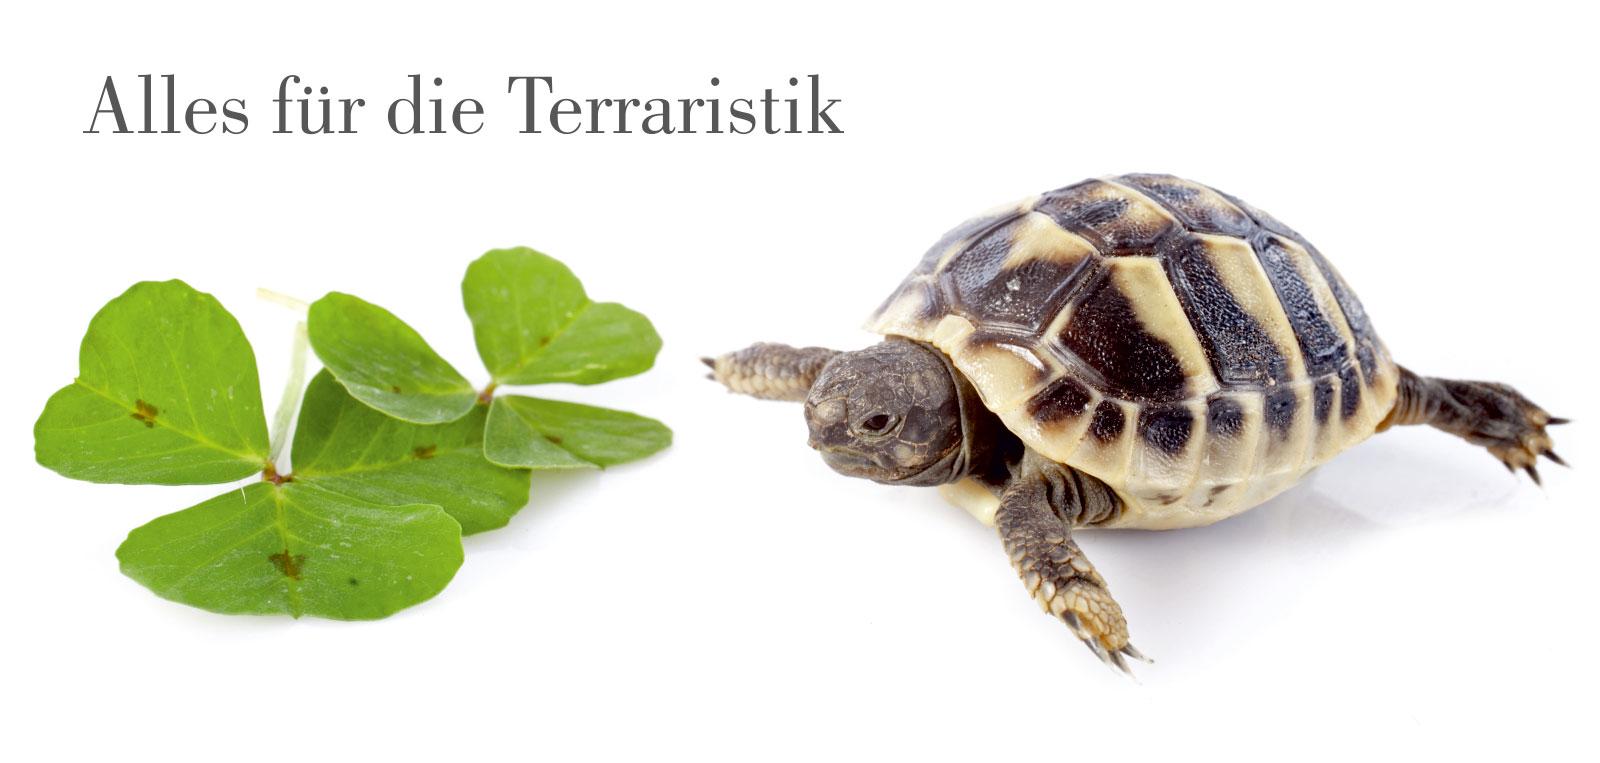 Schwedt Fauna - Alles für die Terraristik